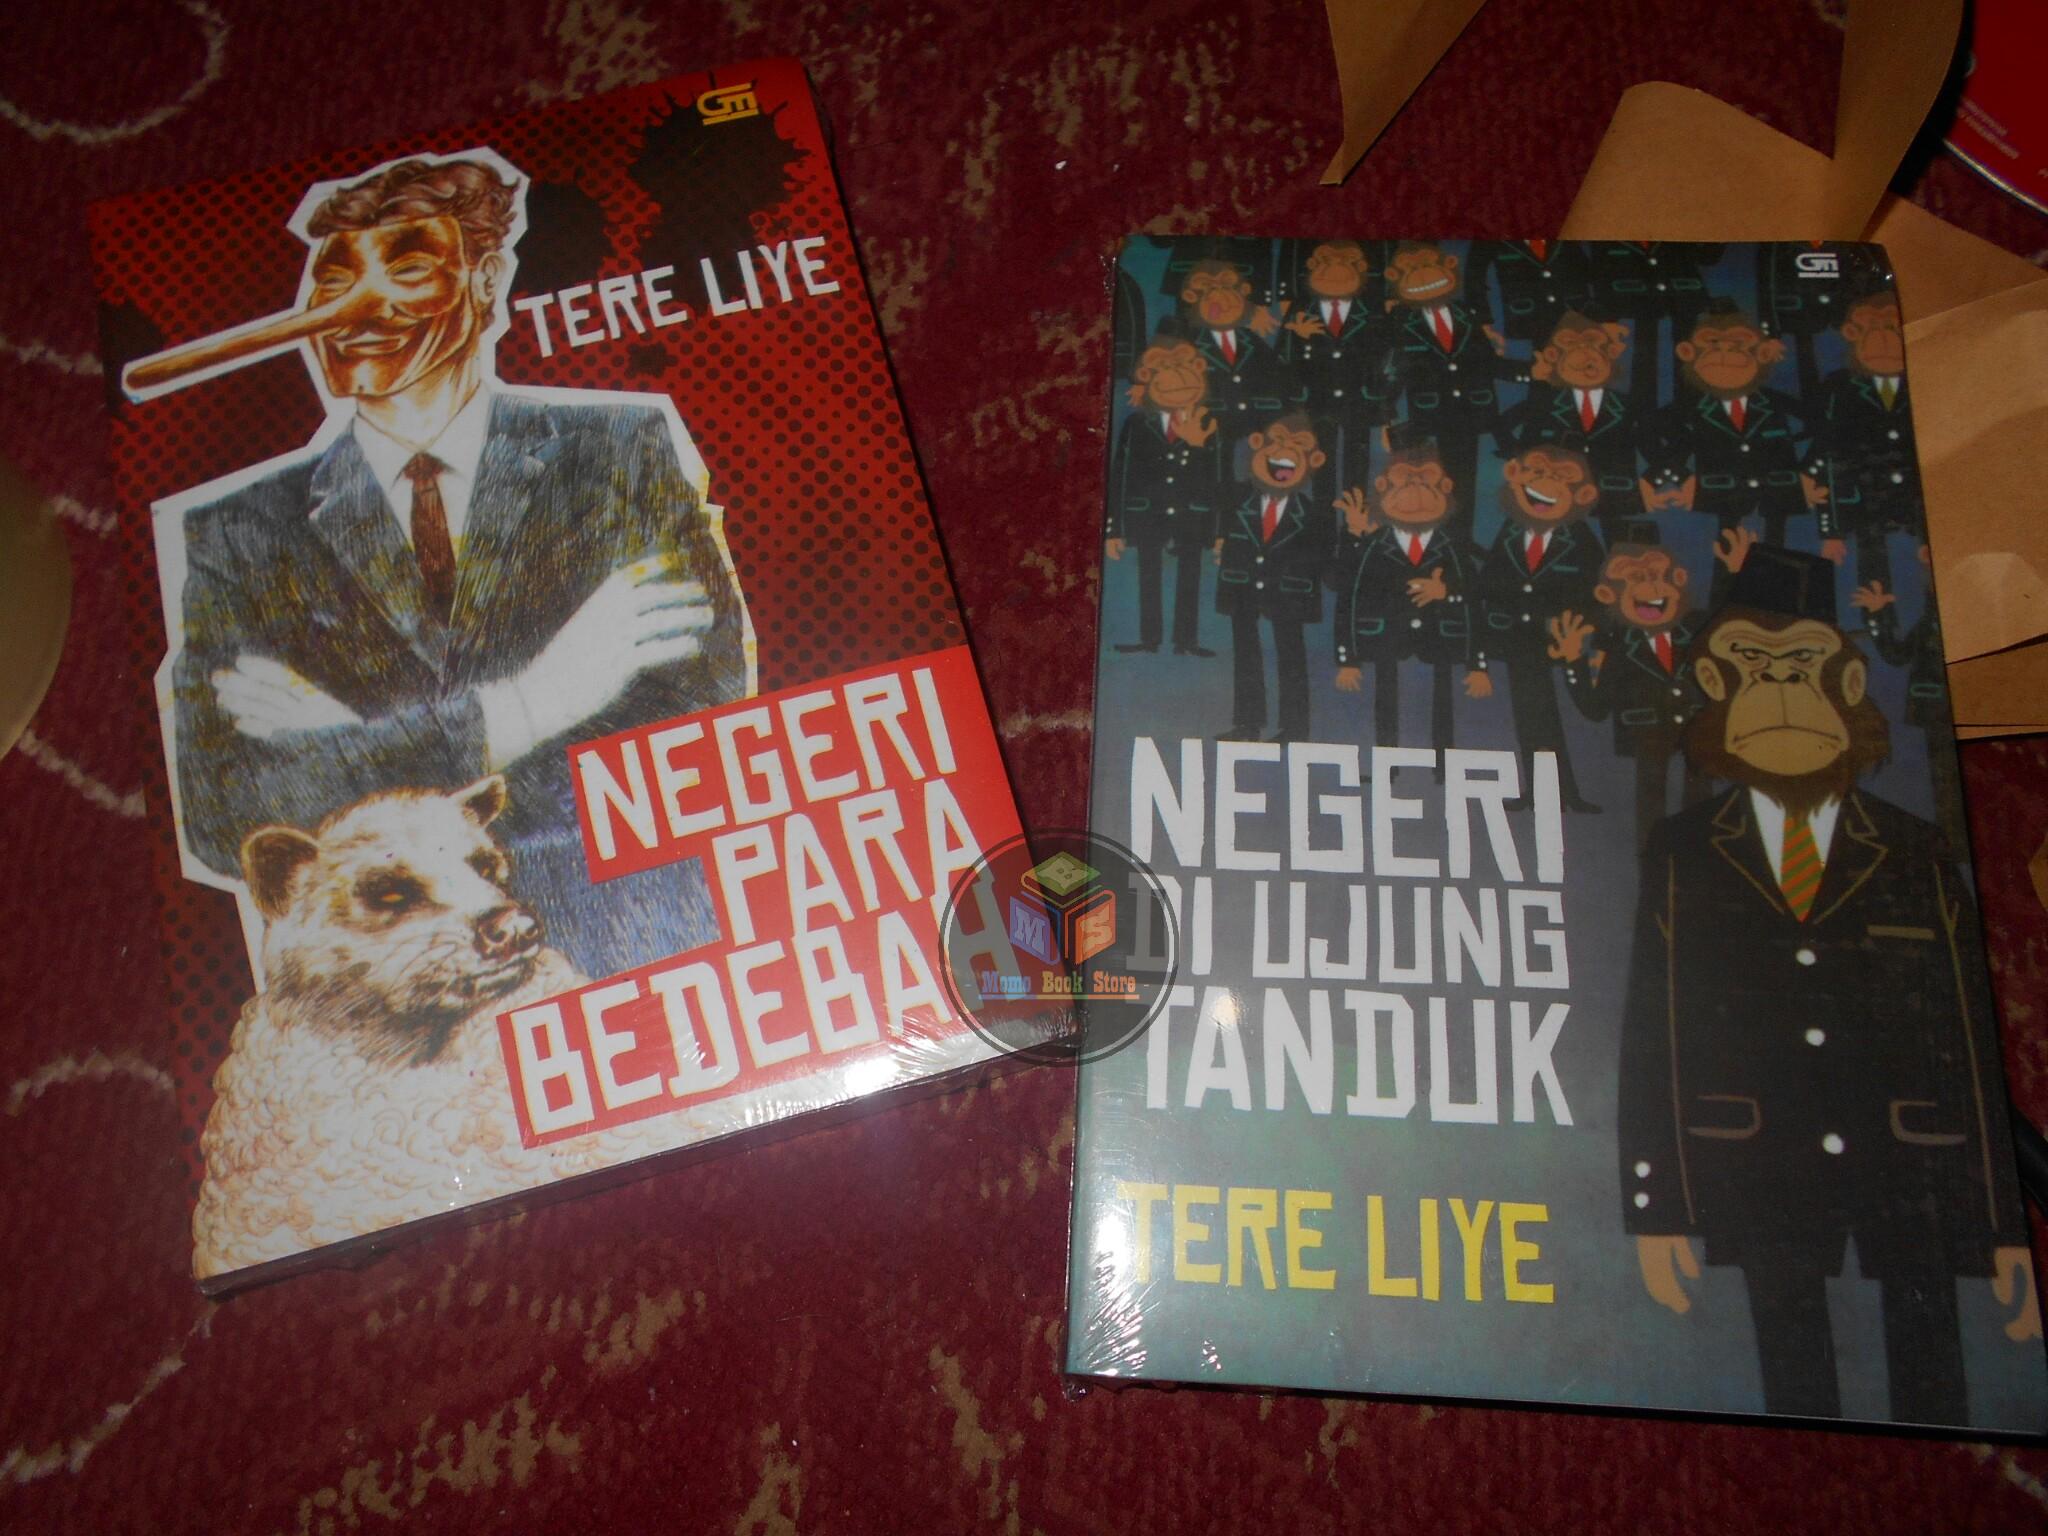 Jual Paket 2 Novel Negeri Para Bedebah Dan Di Ujung Tanduk By Tere Liye Momo Book Store Tokopedia